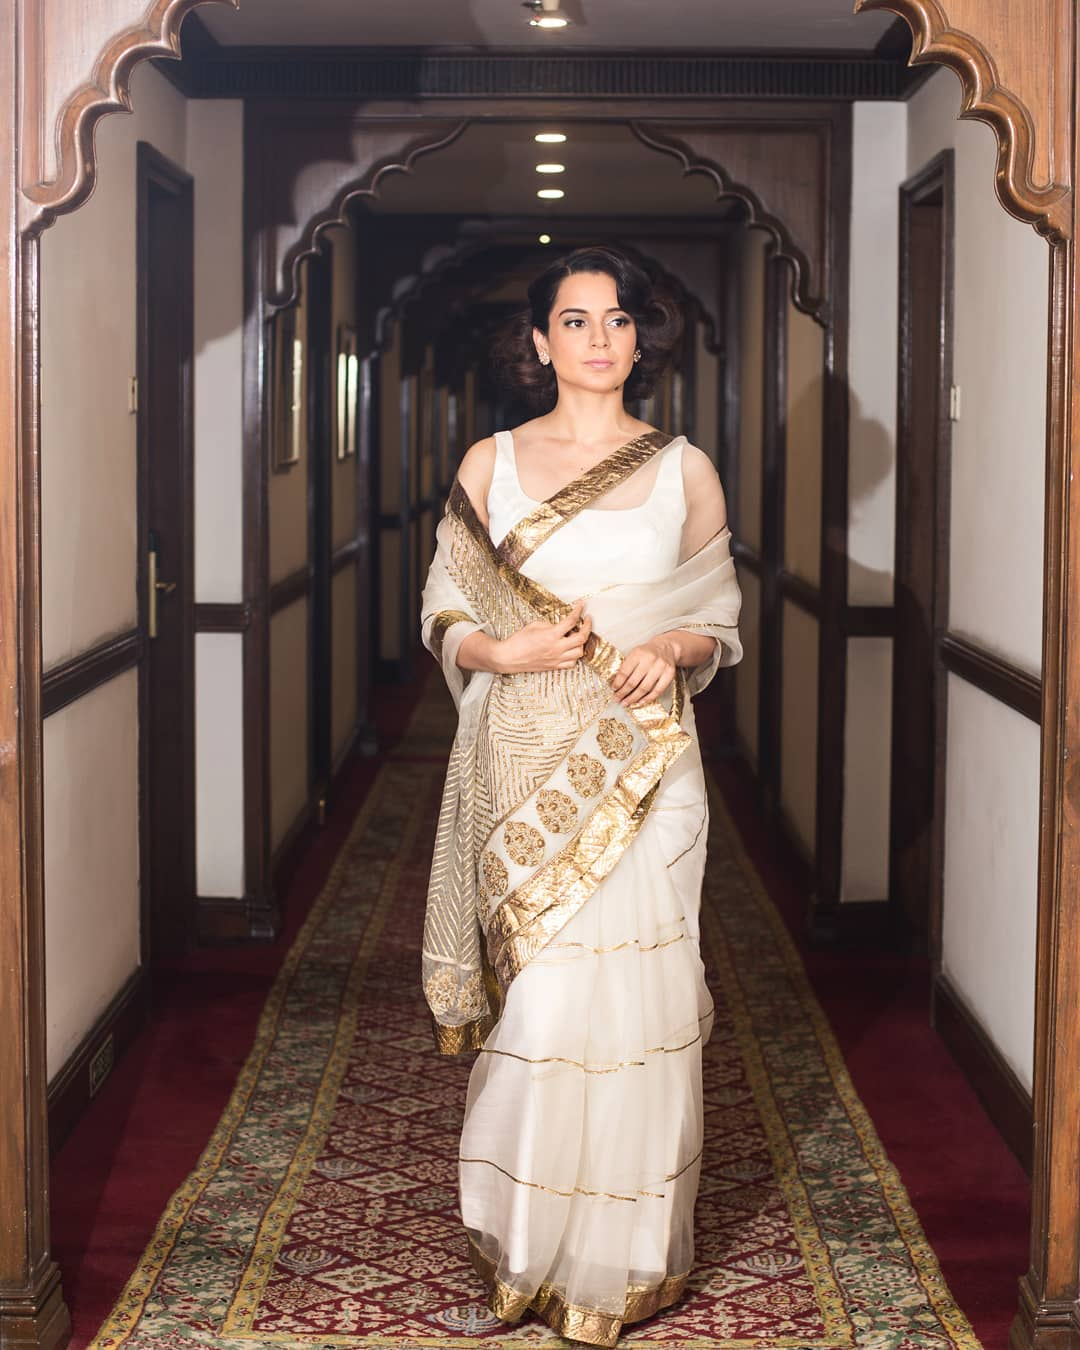 पीएम नरेंद्र मोदी यांची समर्थक कंगना रणौतनेही या कार्यक्रमात सहभाग घेतला. यावेळी तिने पांढऱ्या आणि सोनेरी रंगाची साडी नेसली होती.